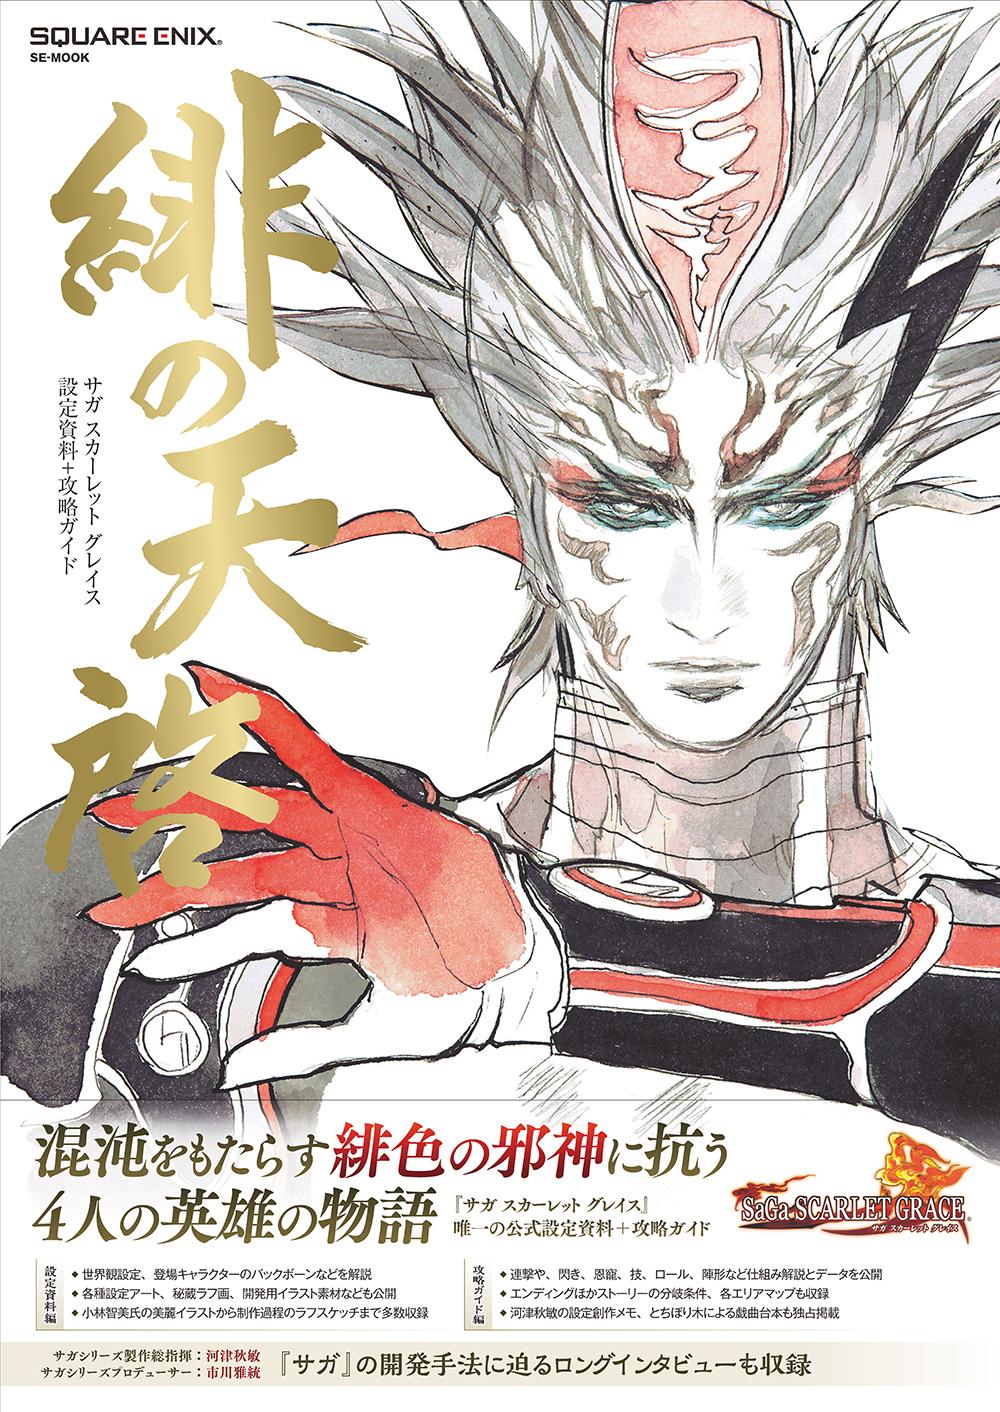 sagaSG_cover_帯あり.jpg